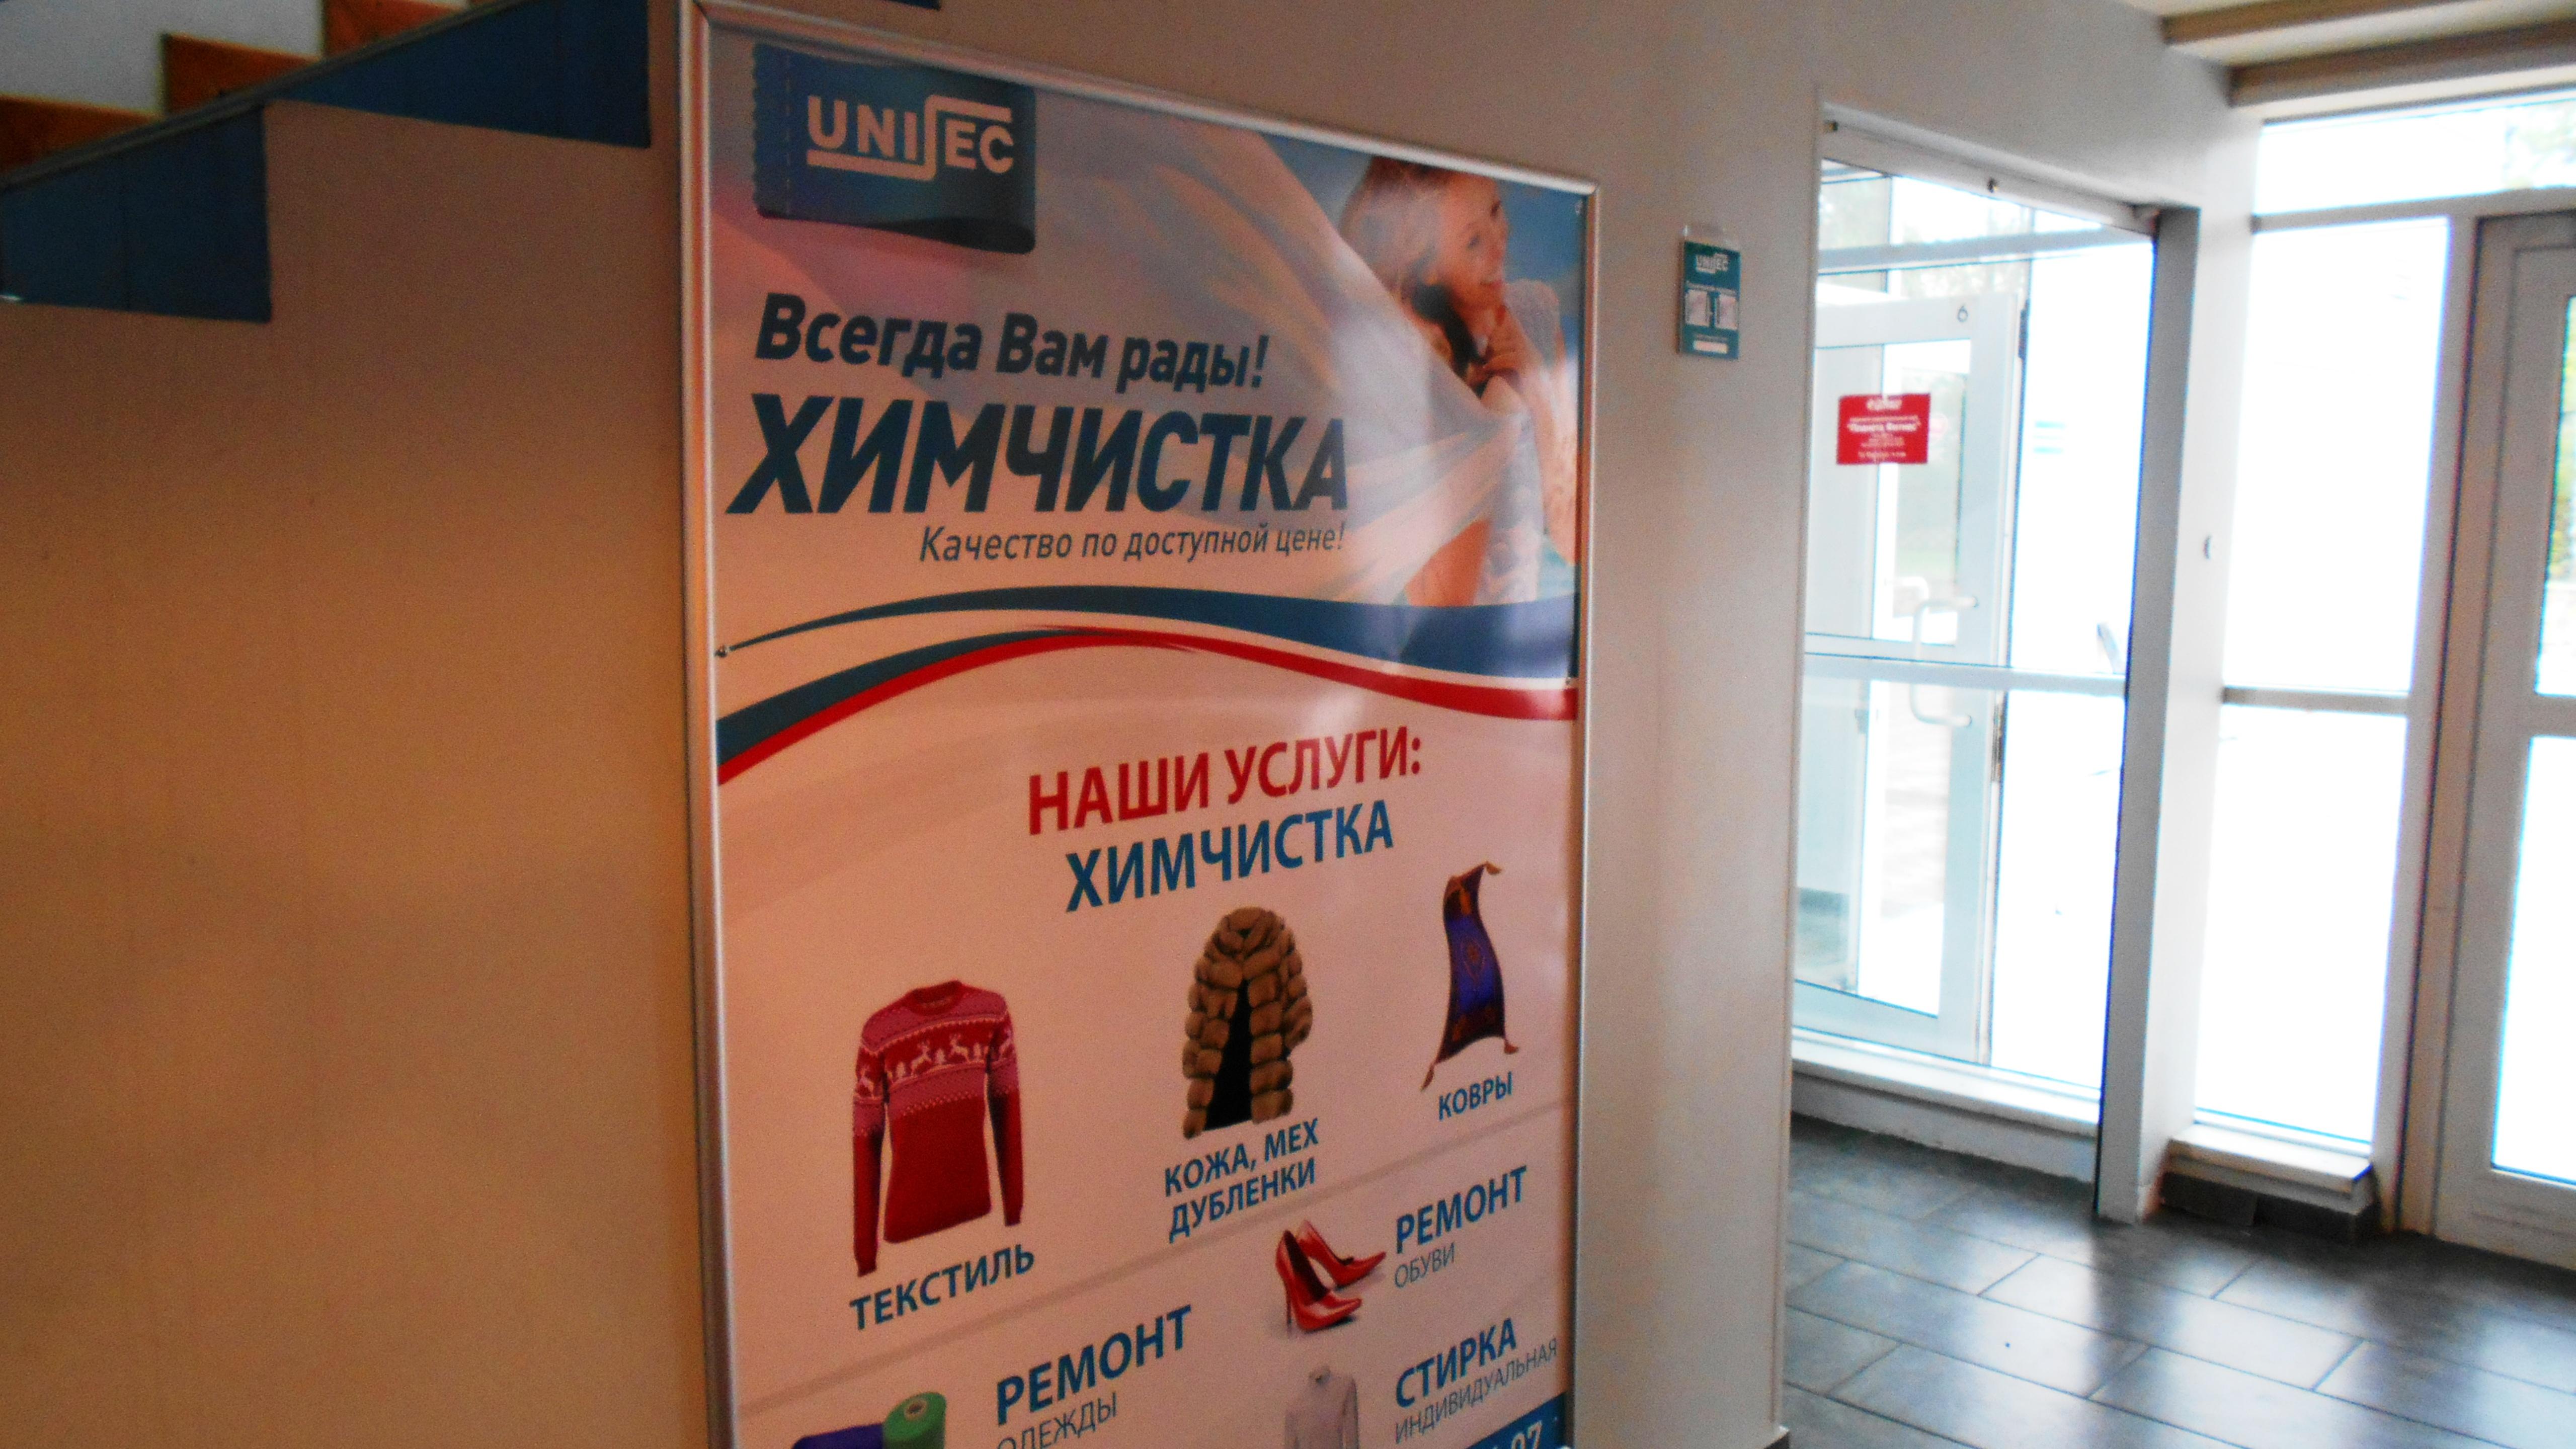 Химчистки прачечные в Новосибирске отзывы телефоны и